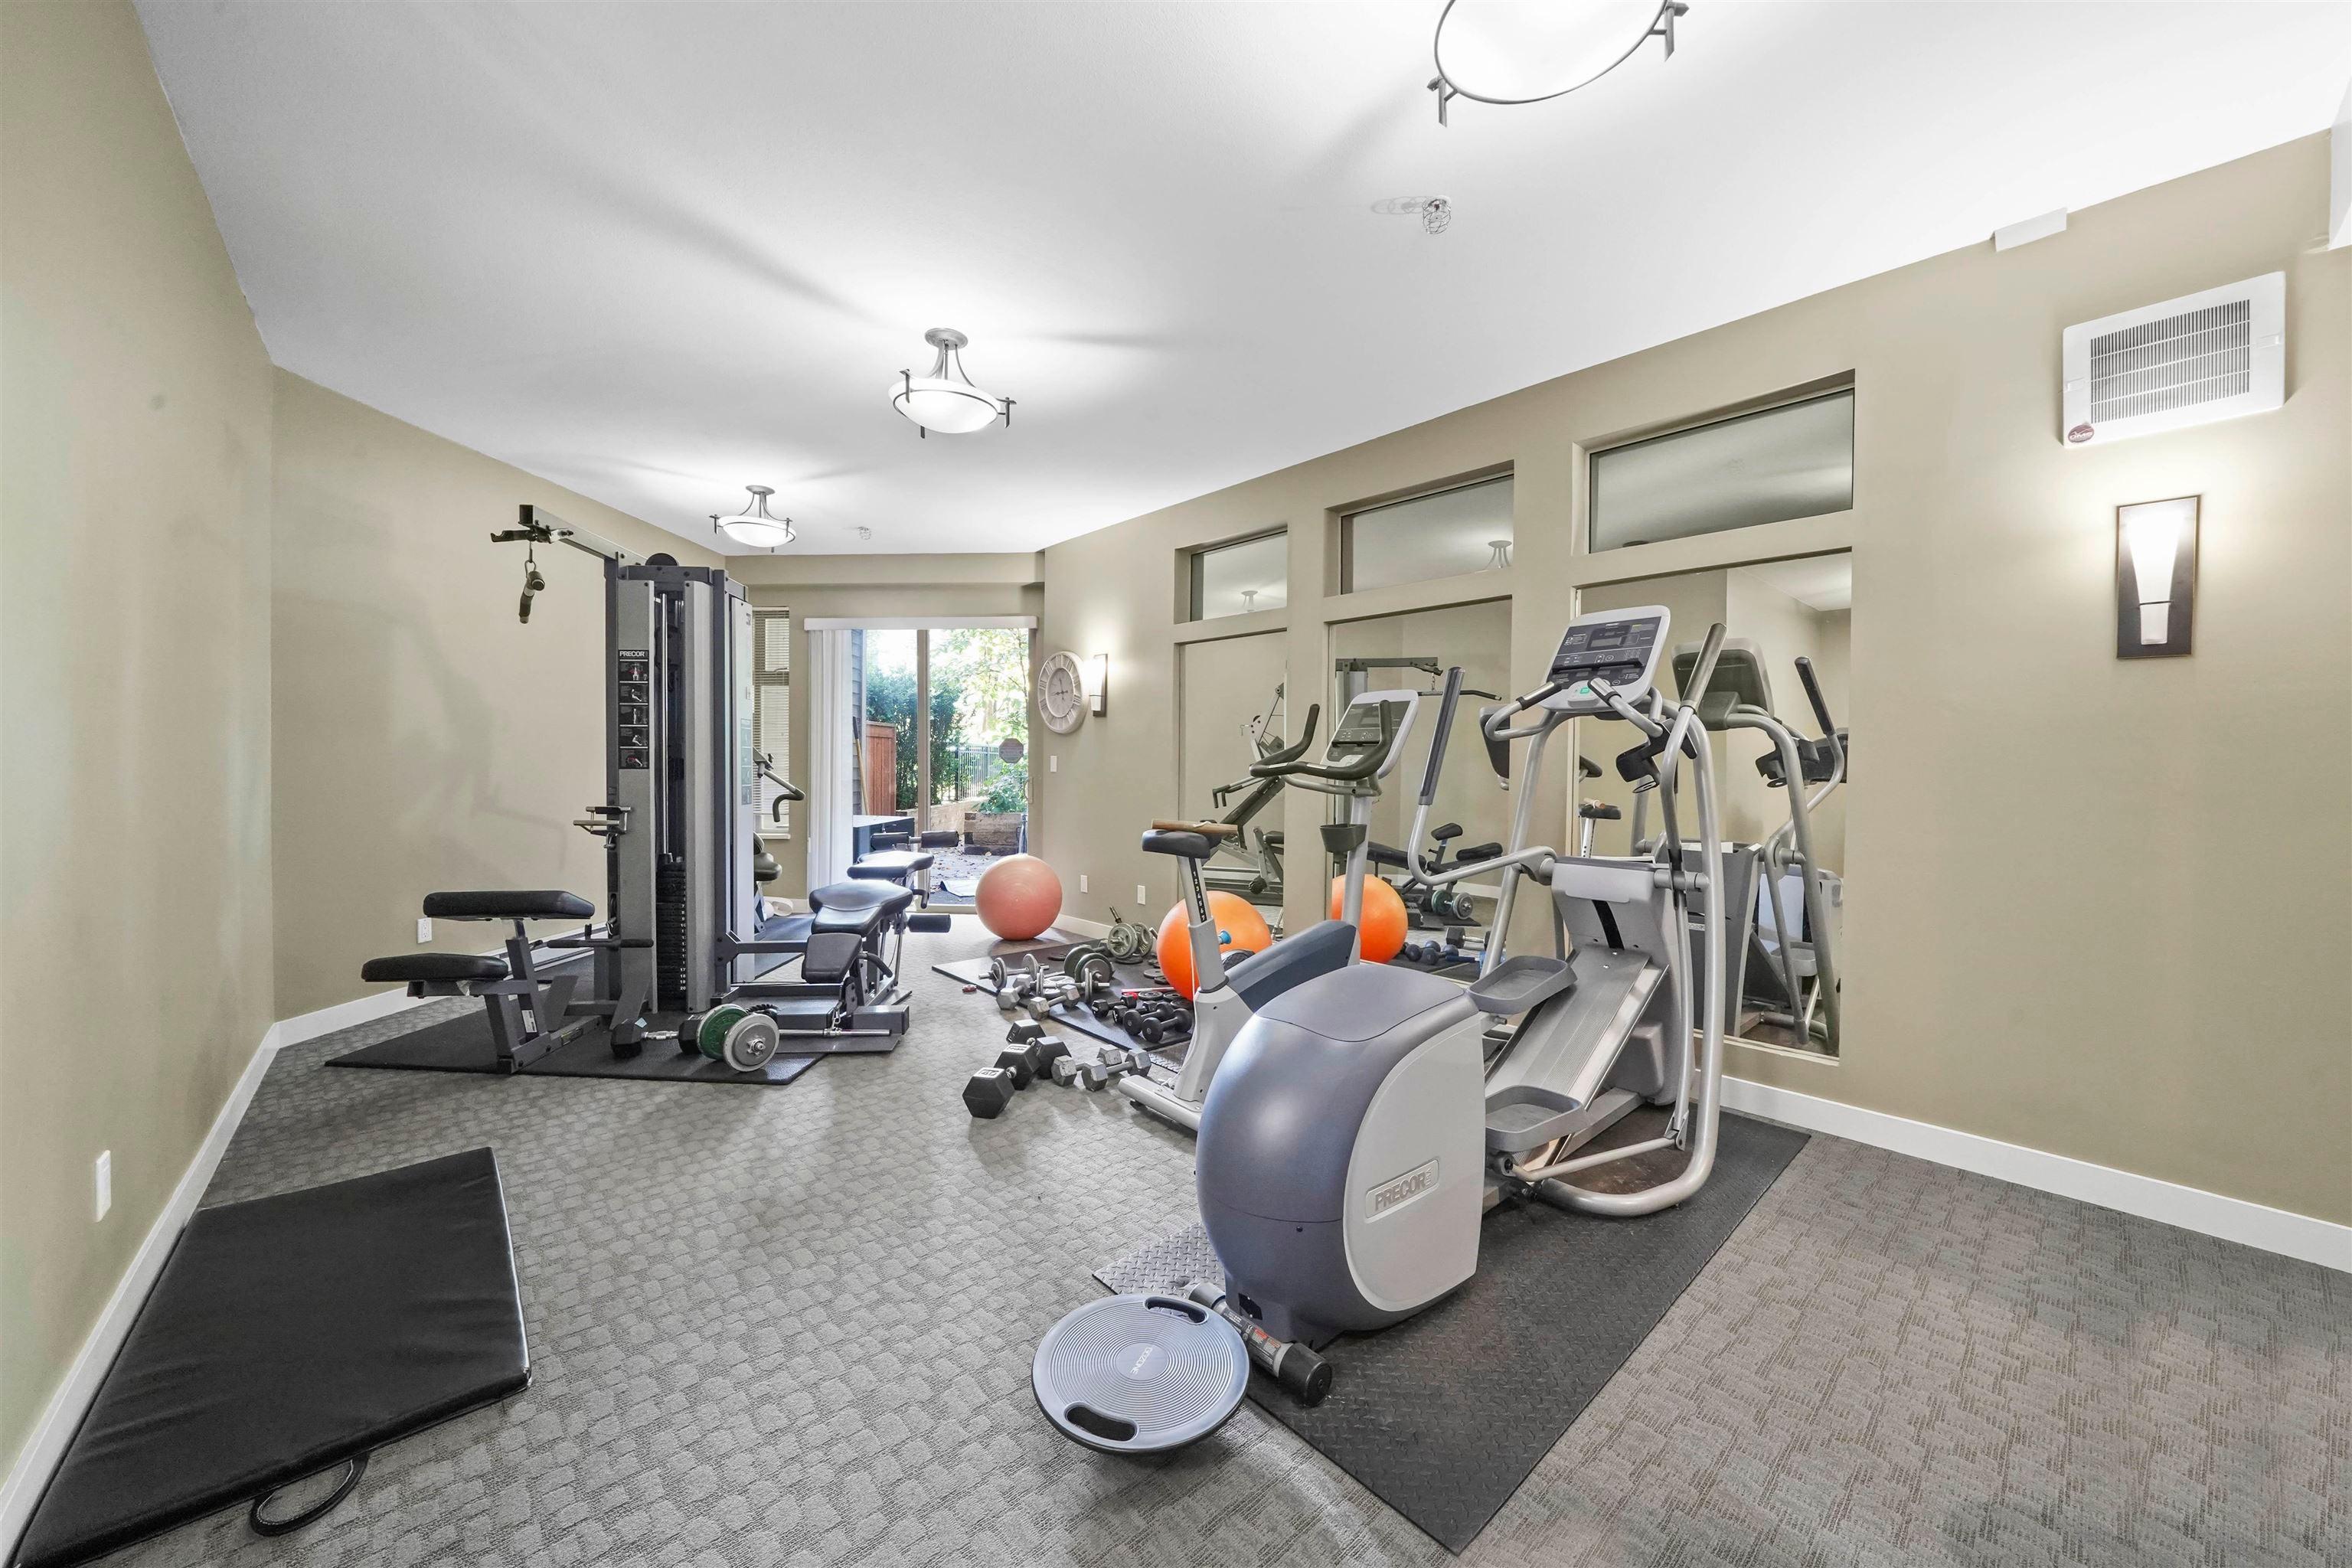 319 1633 MACKAY AVENUE - Pemberton NV Apartment/Condo for sale, 2 Bedrooms (R2624916) - #26